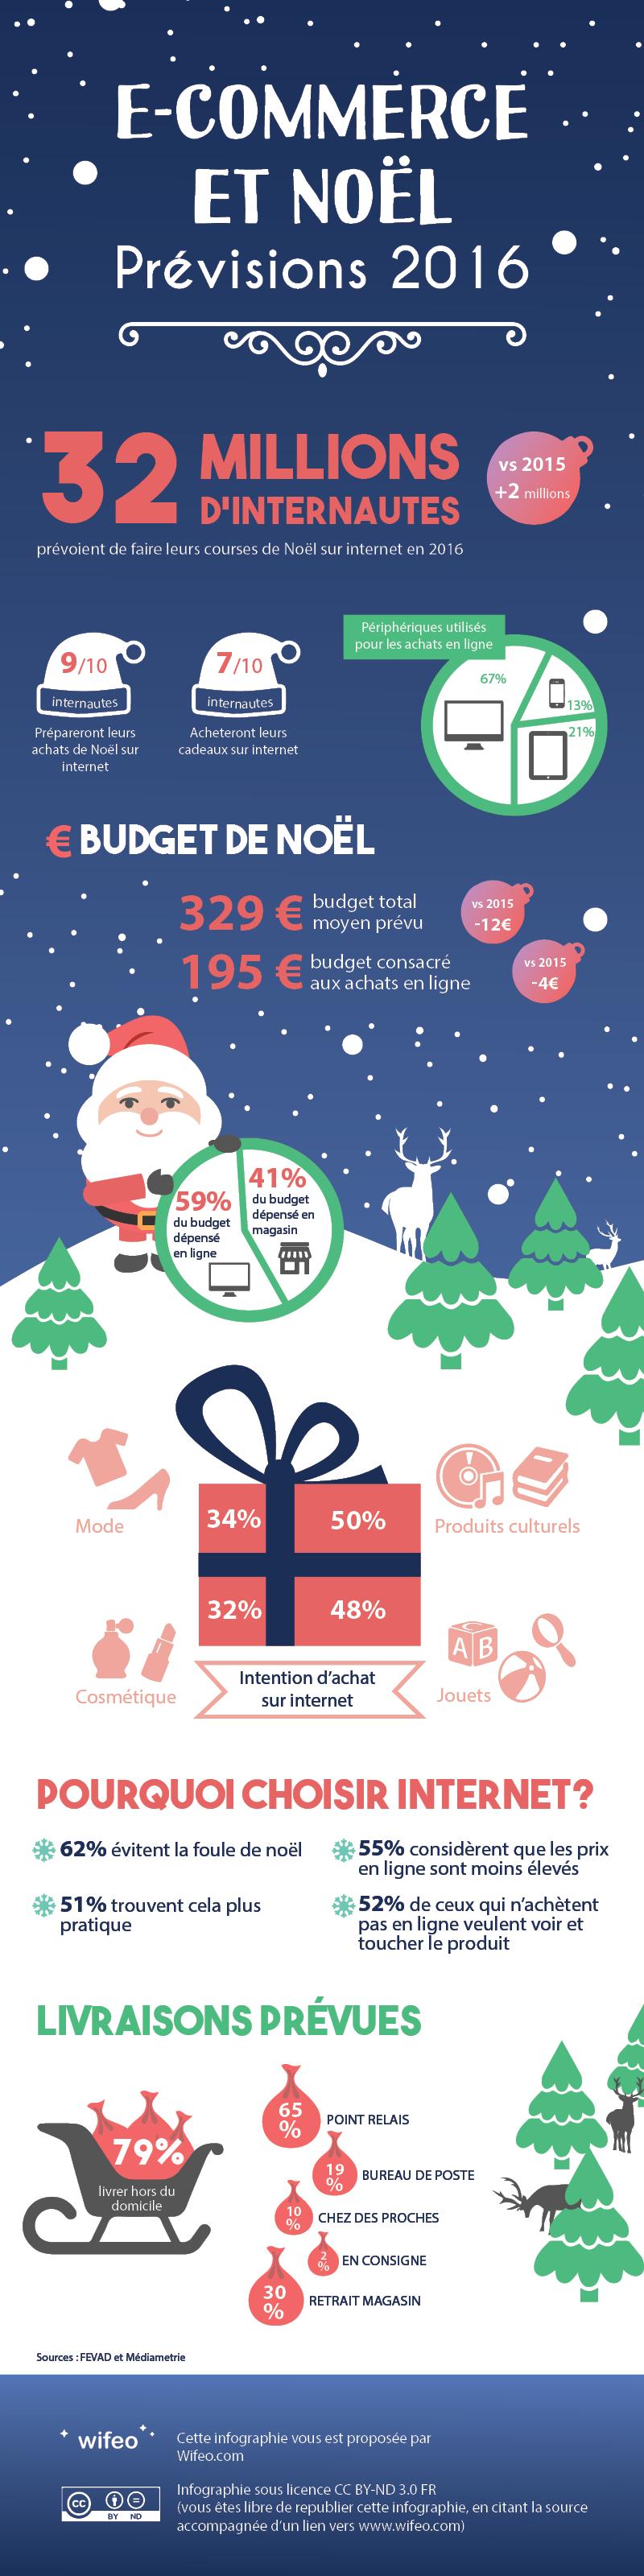 Les prévision du e-commerce en France en 2016